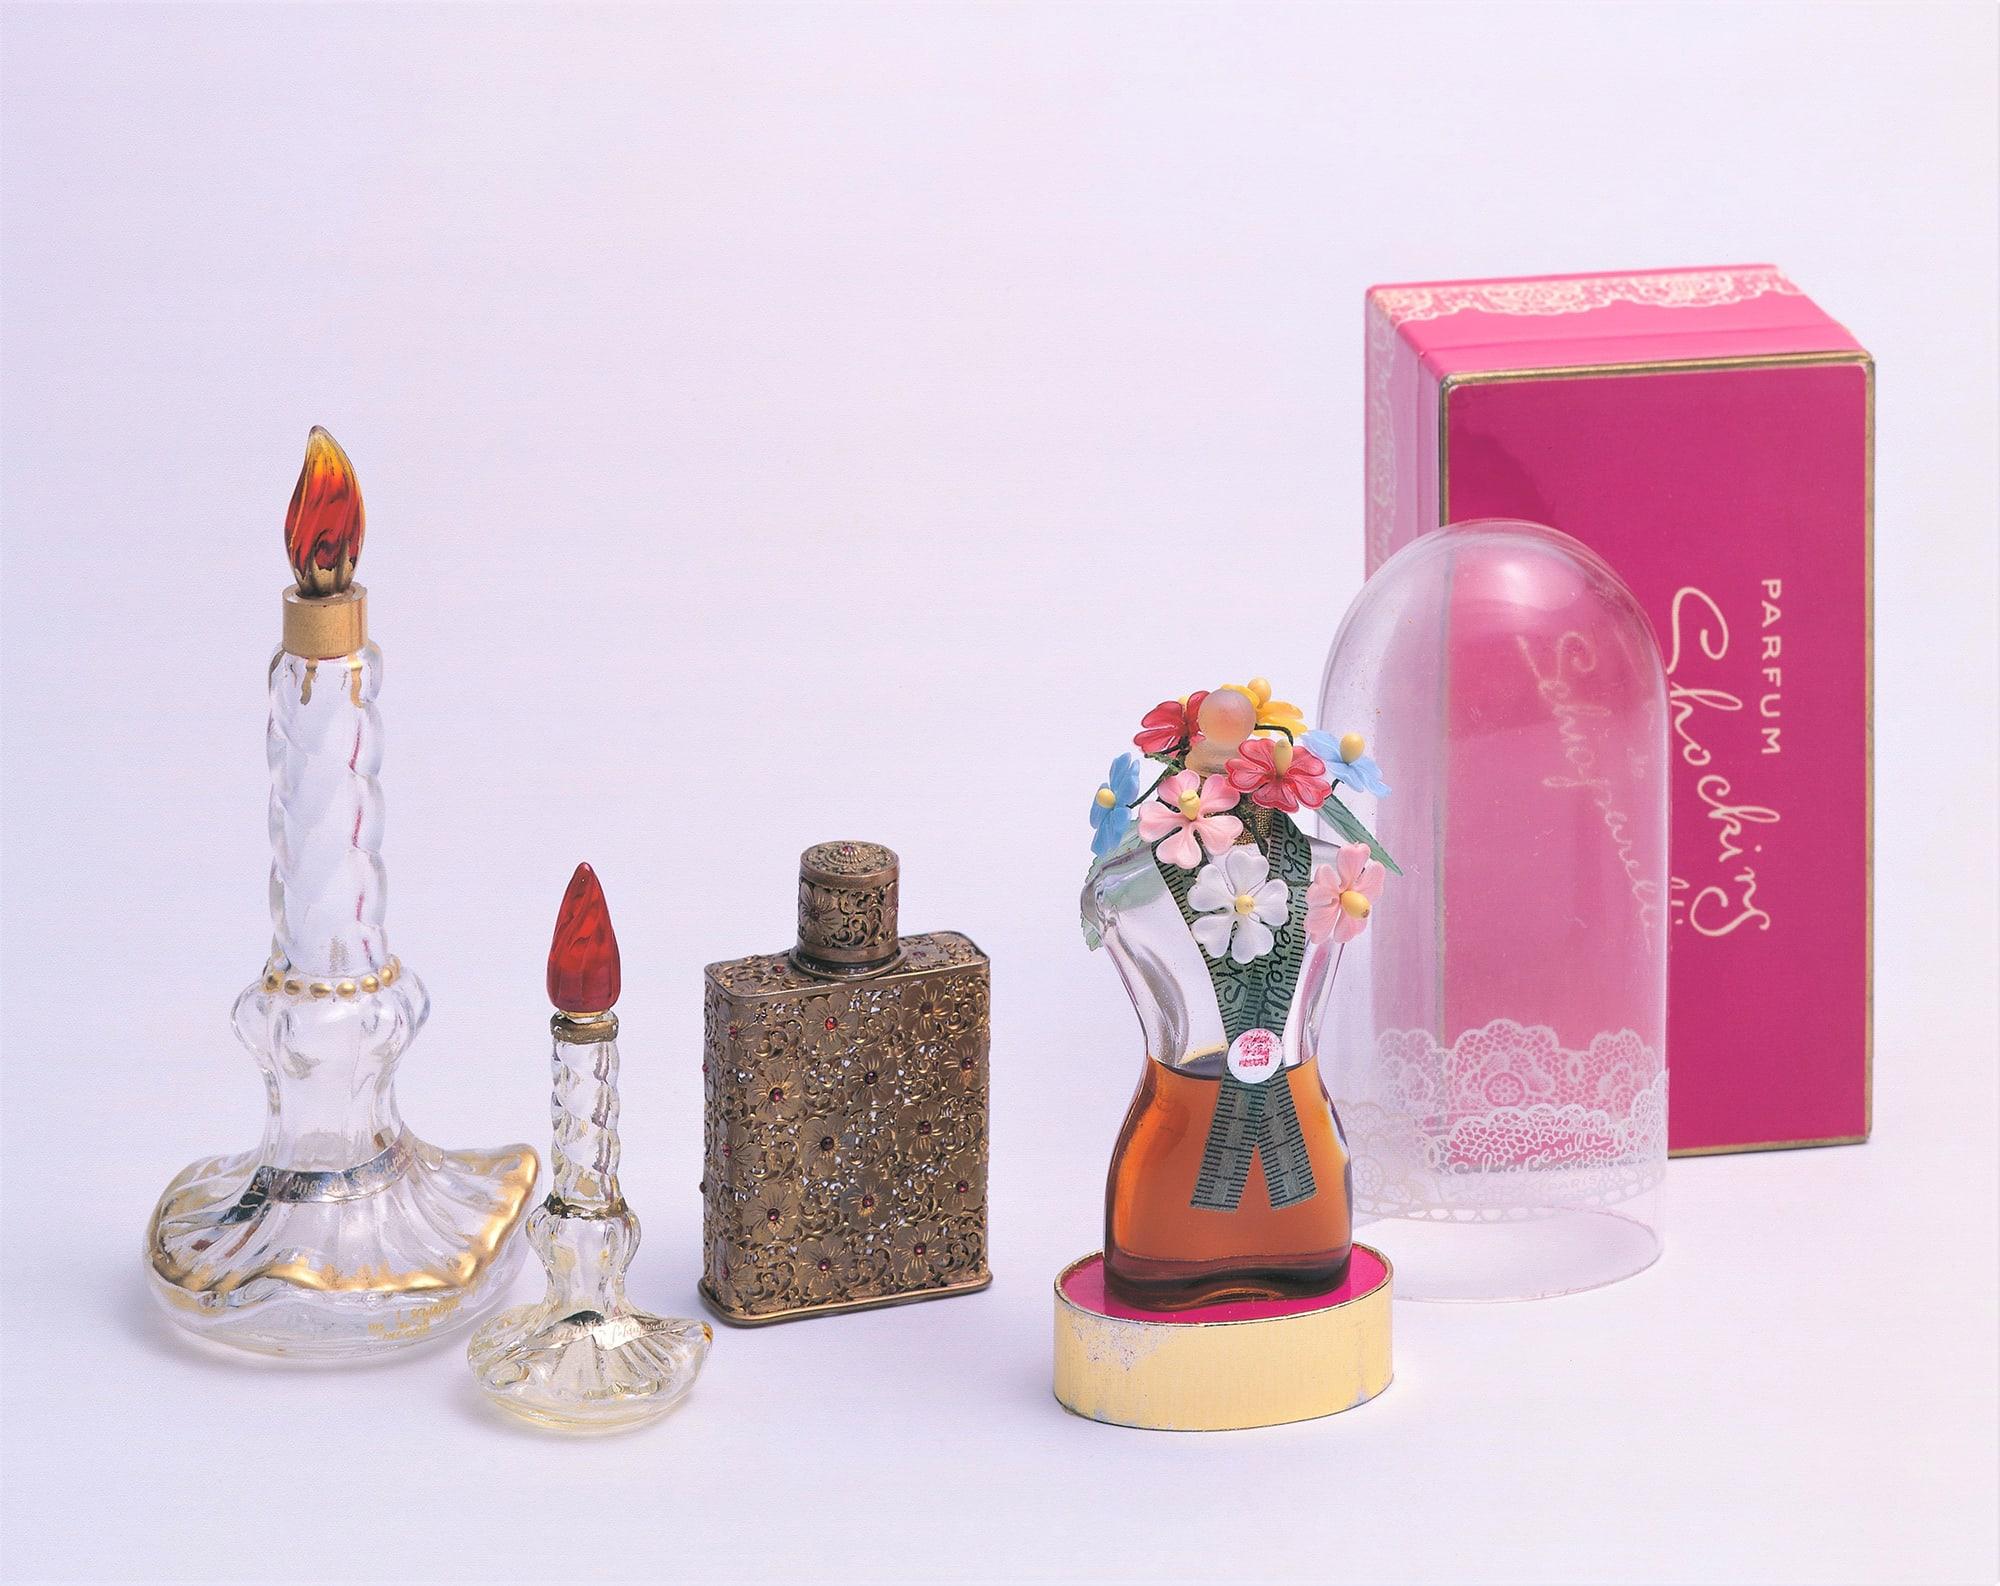 「モードとアートの香水瓶―ポワレ、スキャパレッリ、ディオール」展より。スキャパレッリ《スリーピング(眠り)》バカラ社製1938年、スキャパレッリ《ショッキング》バカラ社製1937年